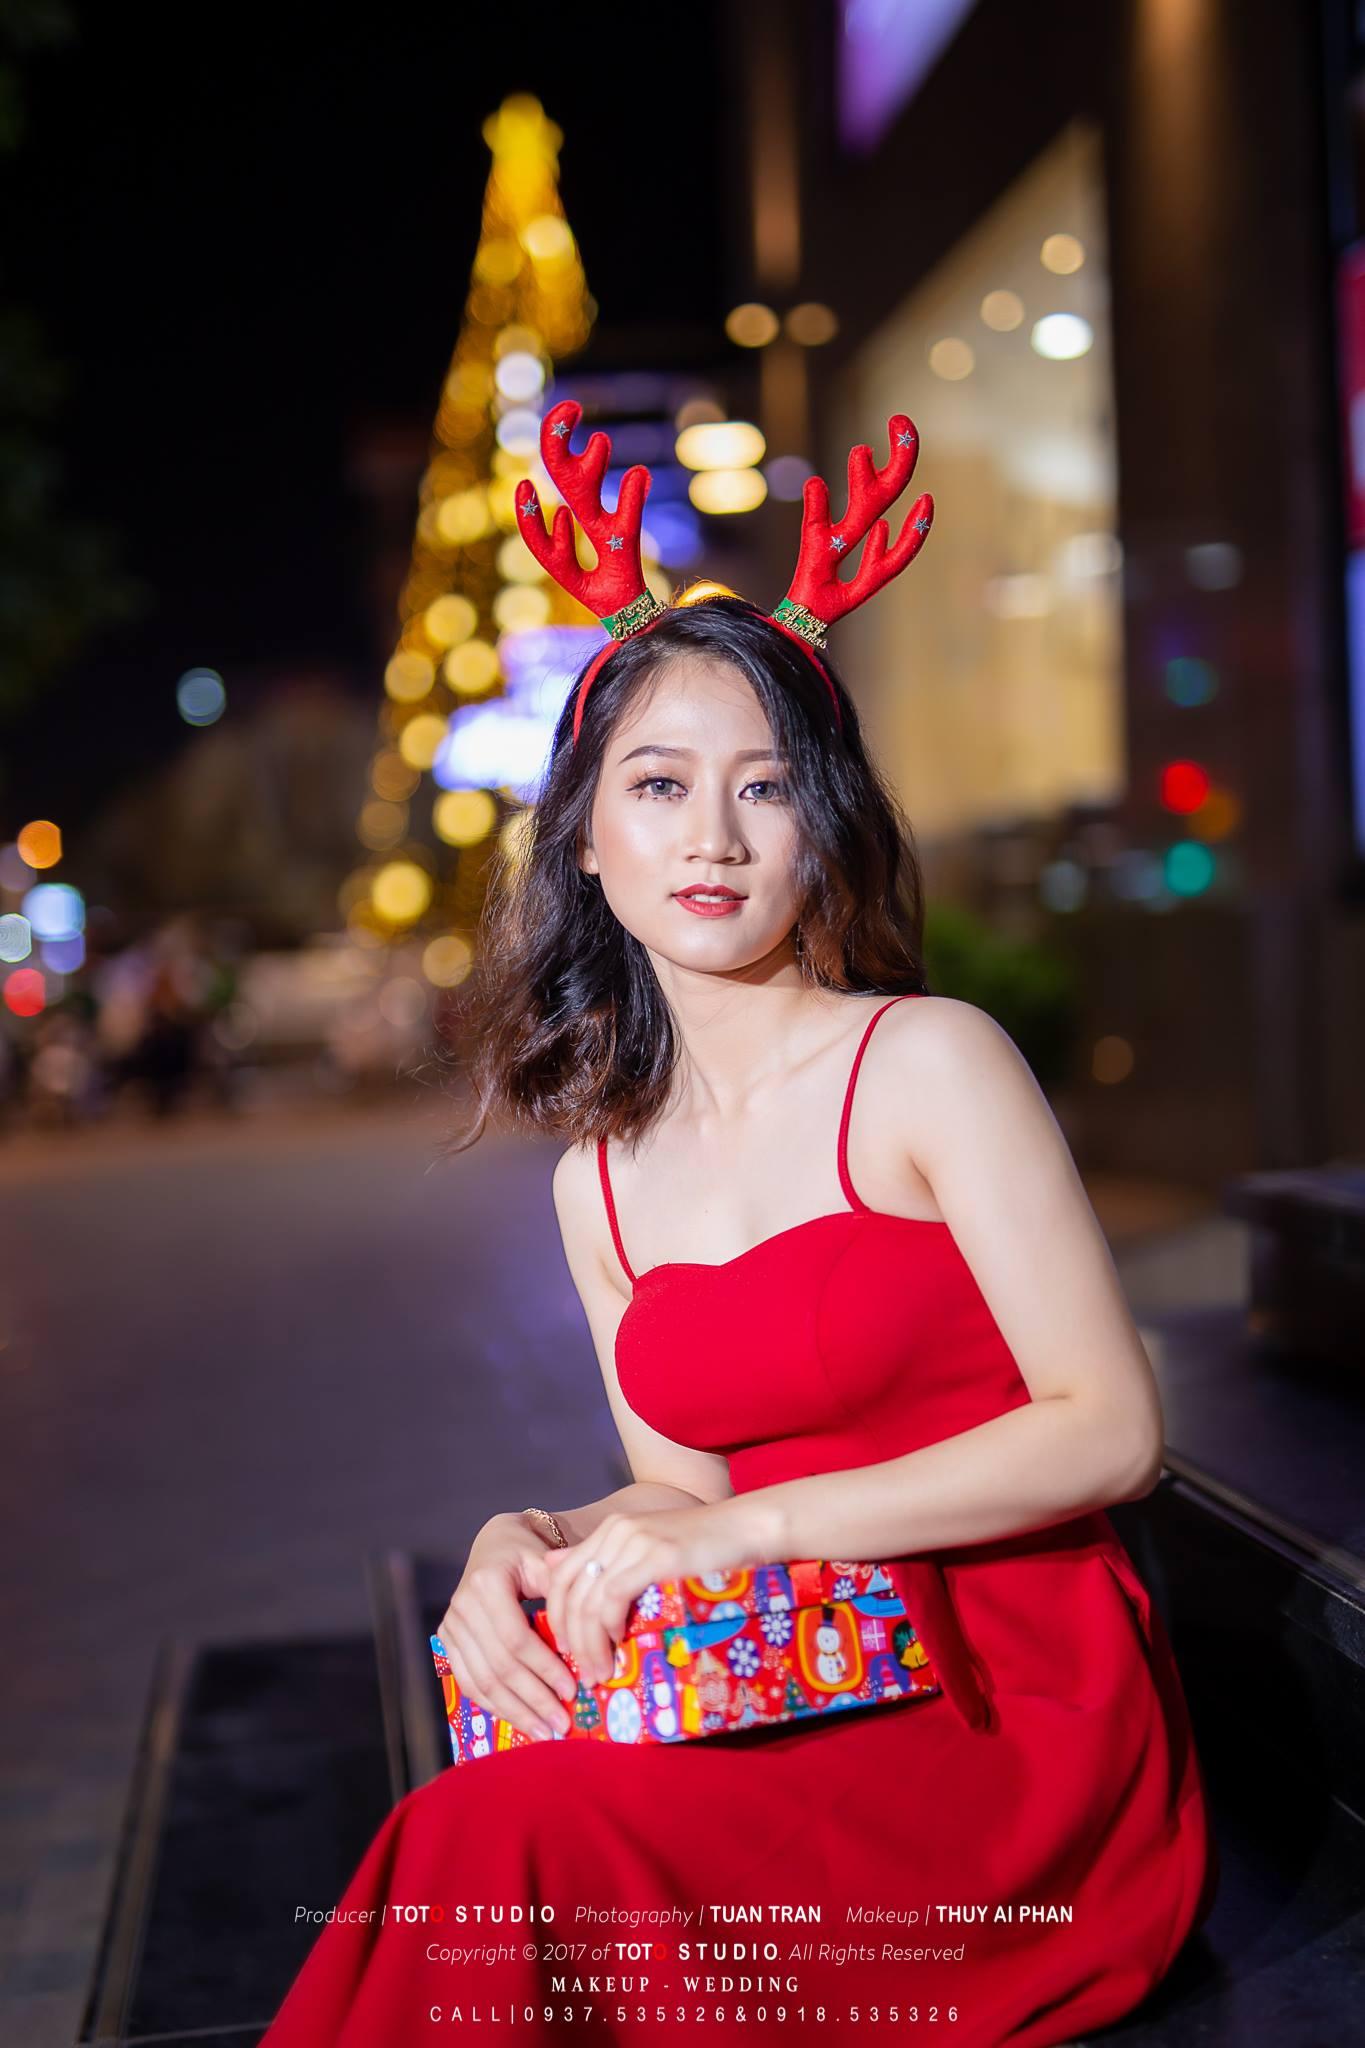 Top 7 tiệm trang điểm cô dâu đẹp nhất tại Đồng Nai -  Thúy Ái Phan Makeup (TOTO STUDIO)